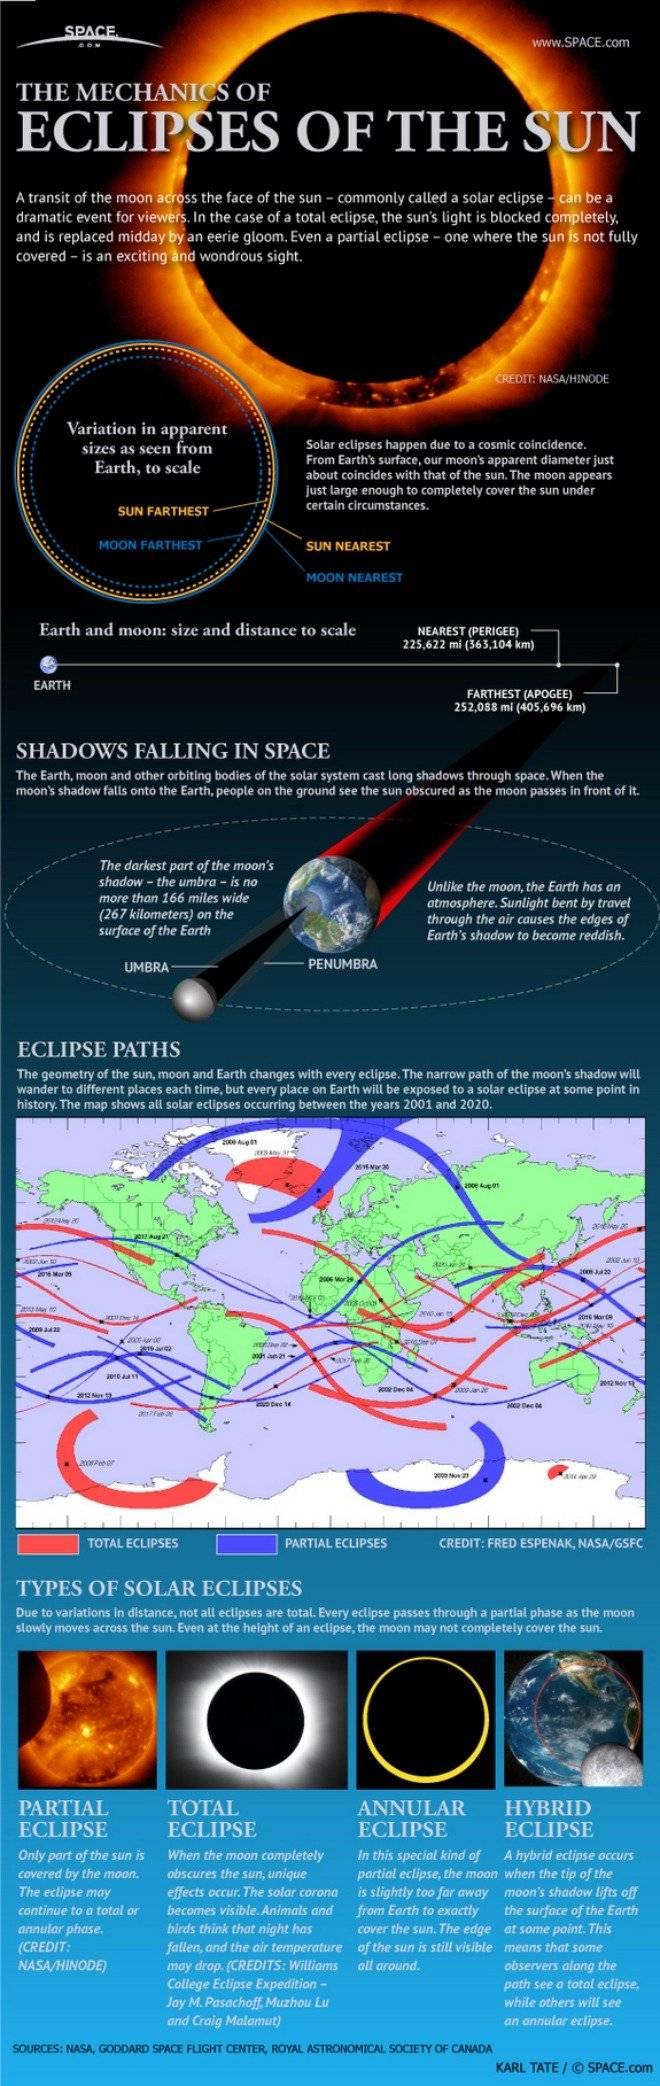 solareclipses120509c02.jpg